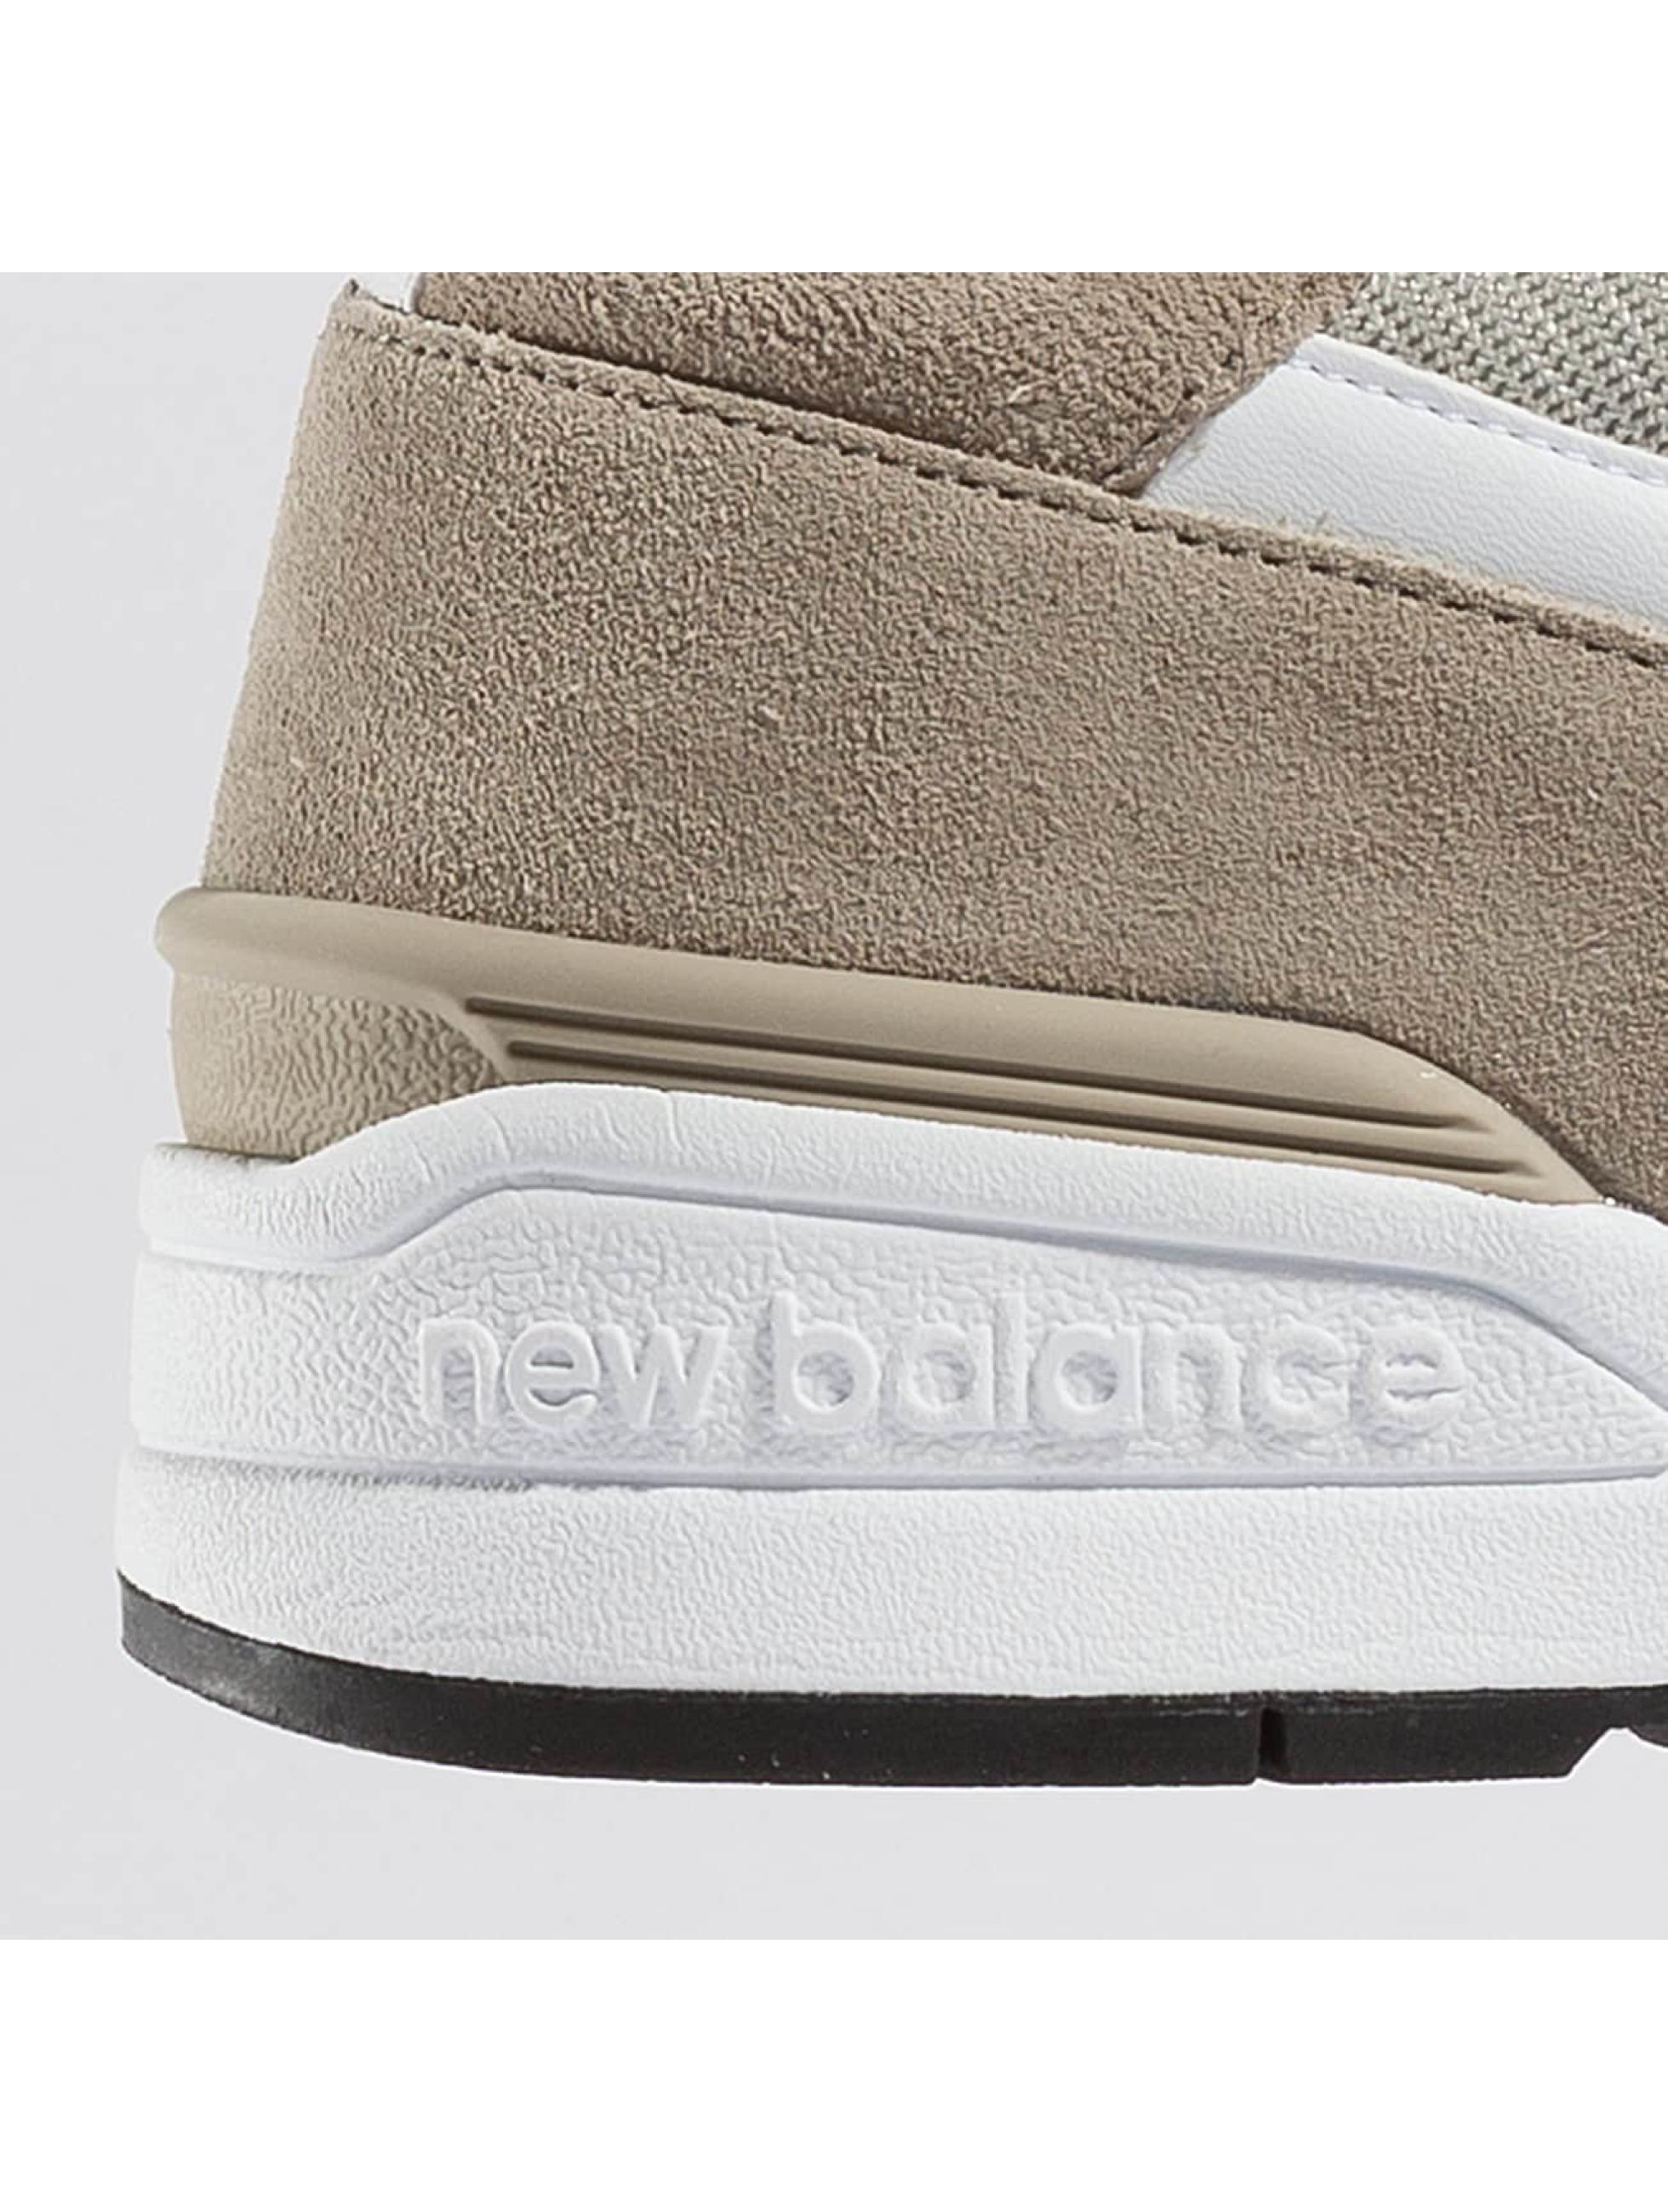 New Balance Baskets ML597 D RSA beige